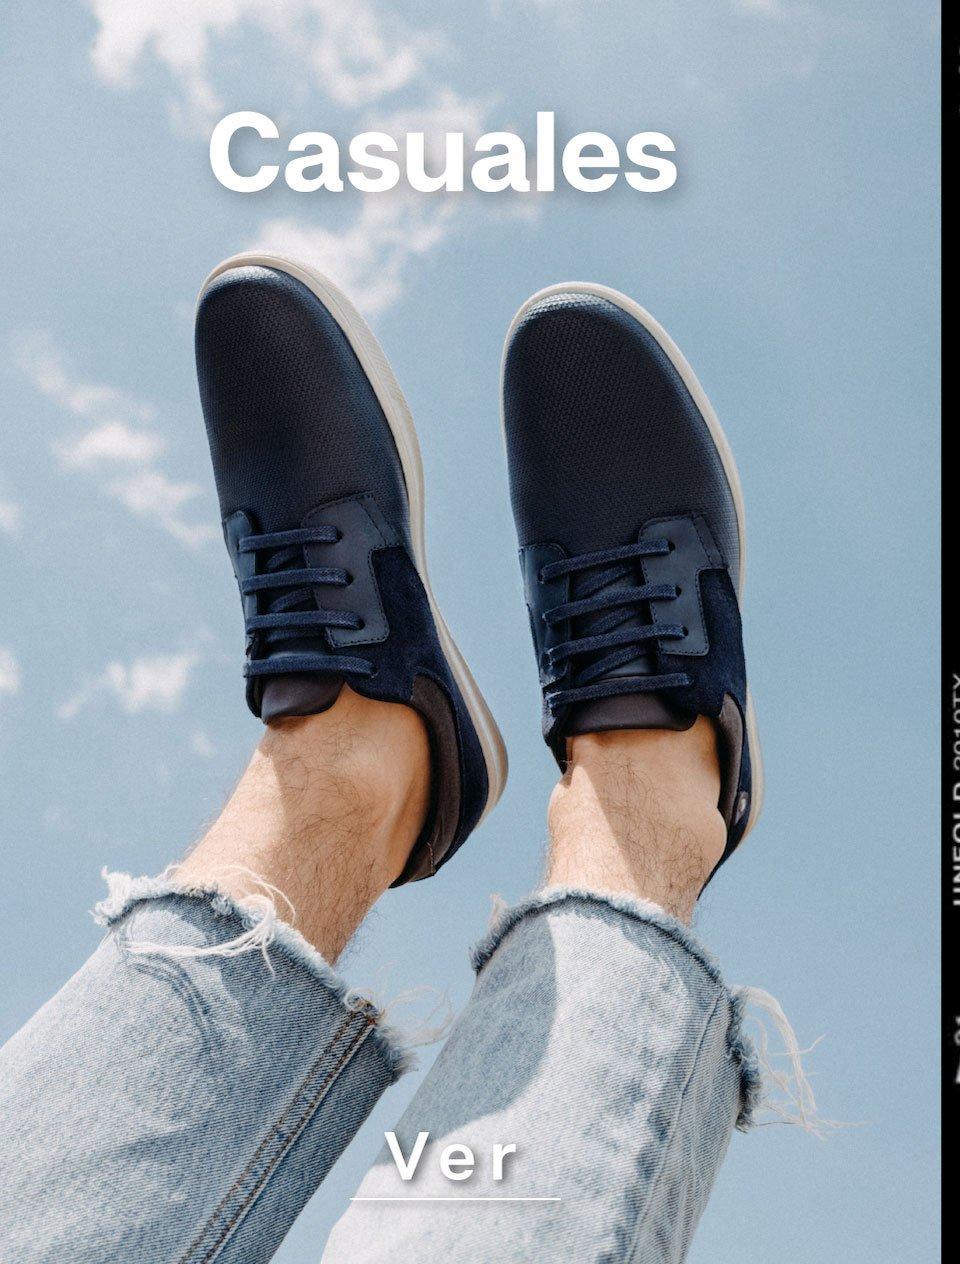 CASUALES-ELLOS